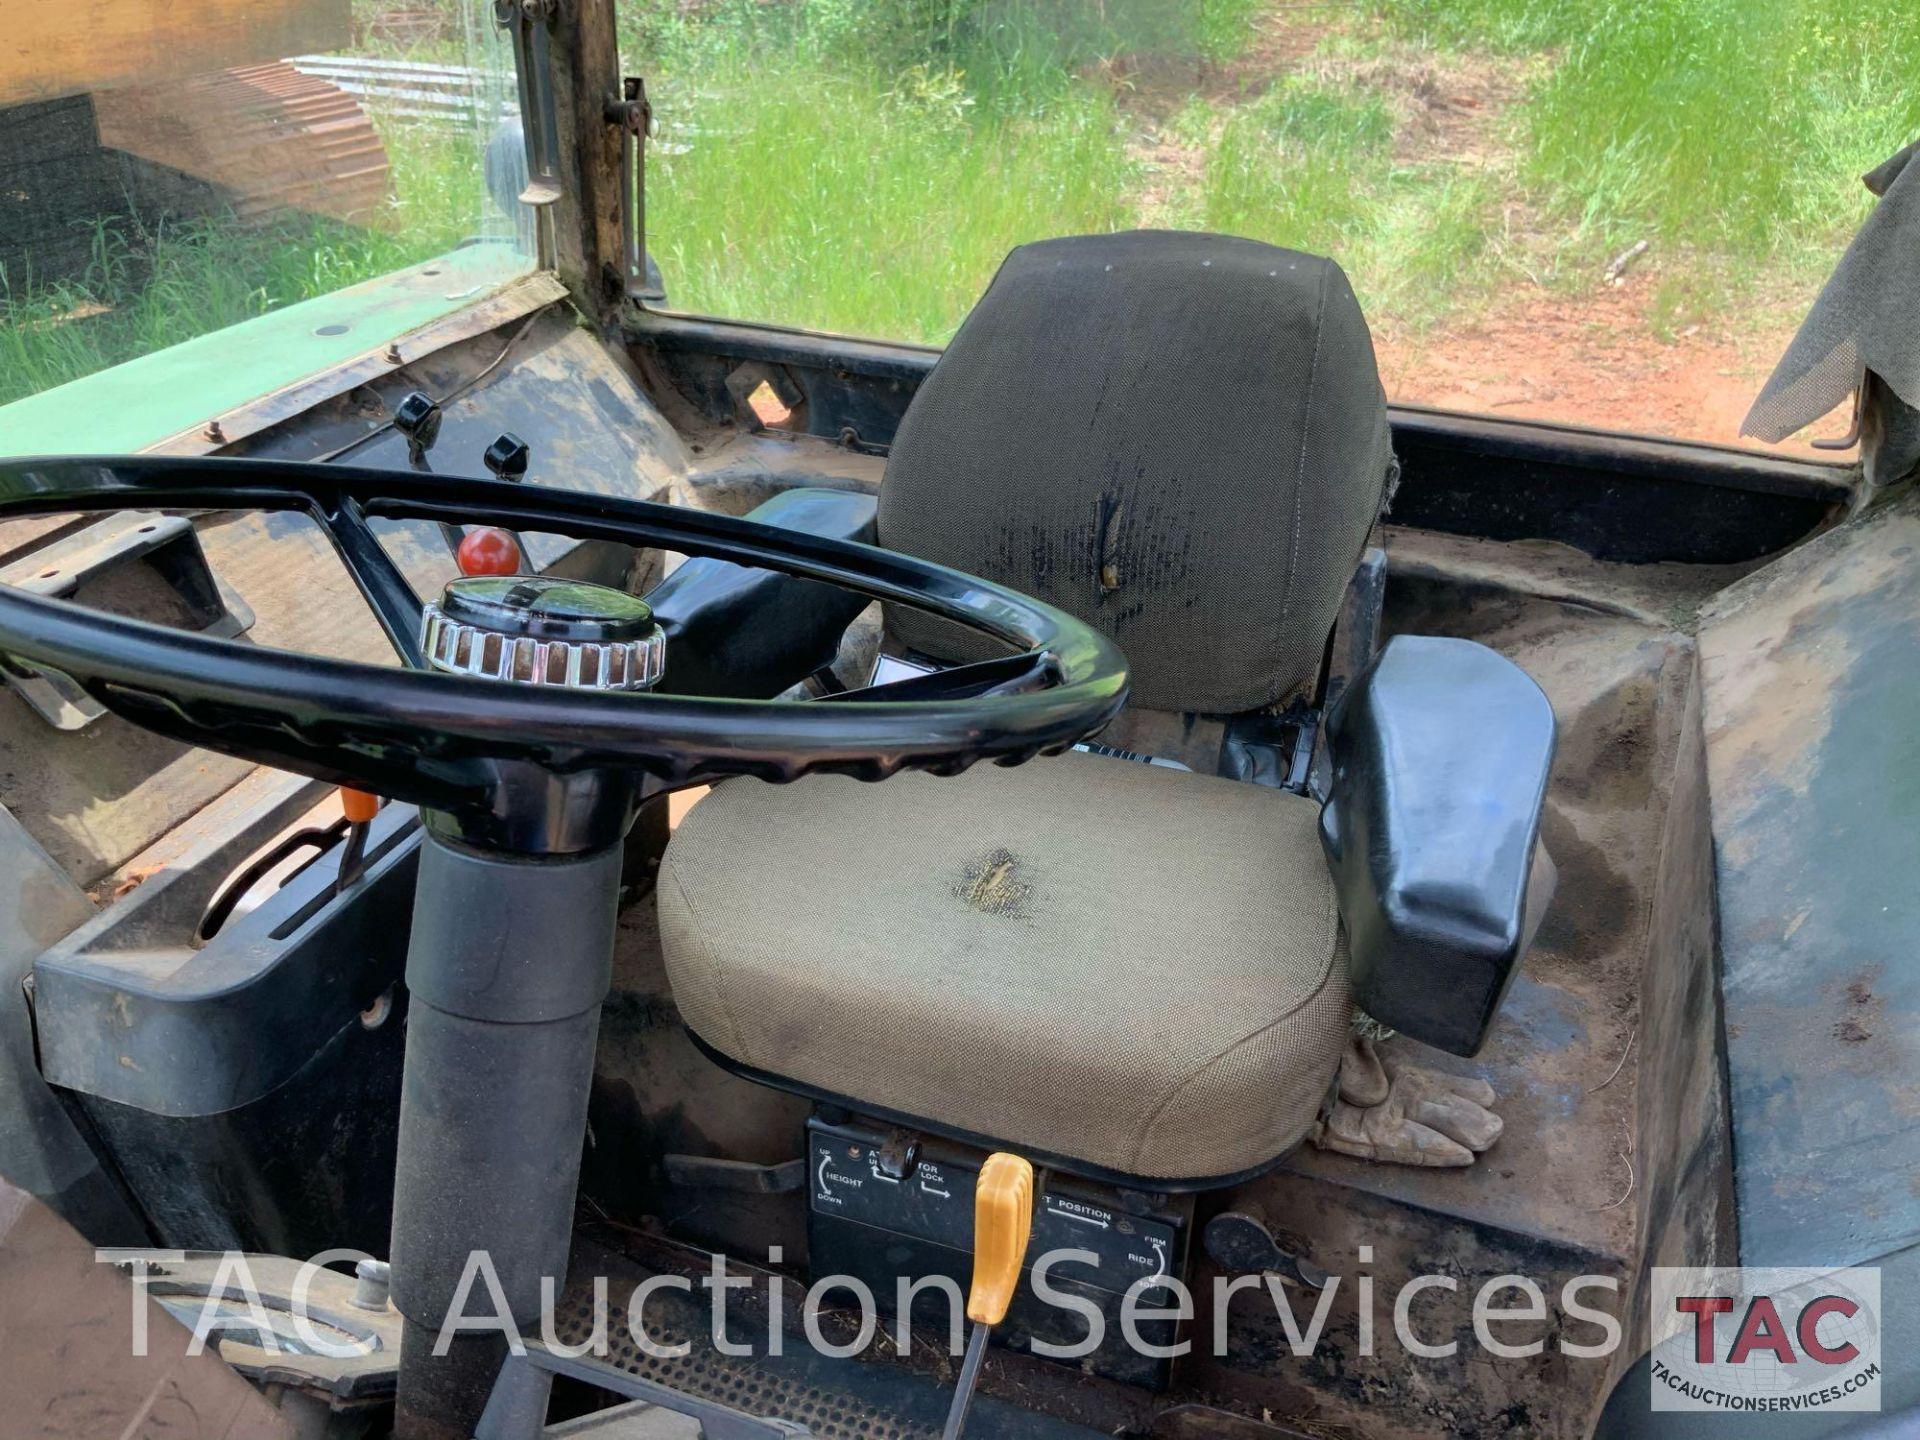 John Deere 4440 Tractor - Image 13 of 31